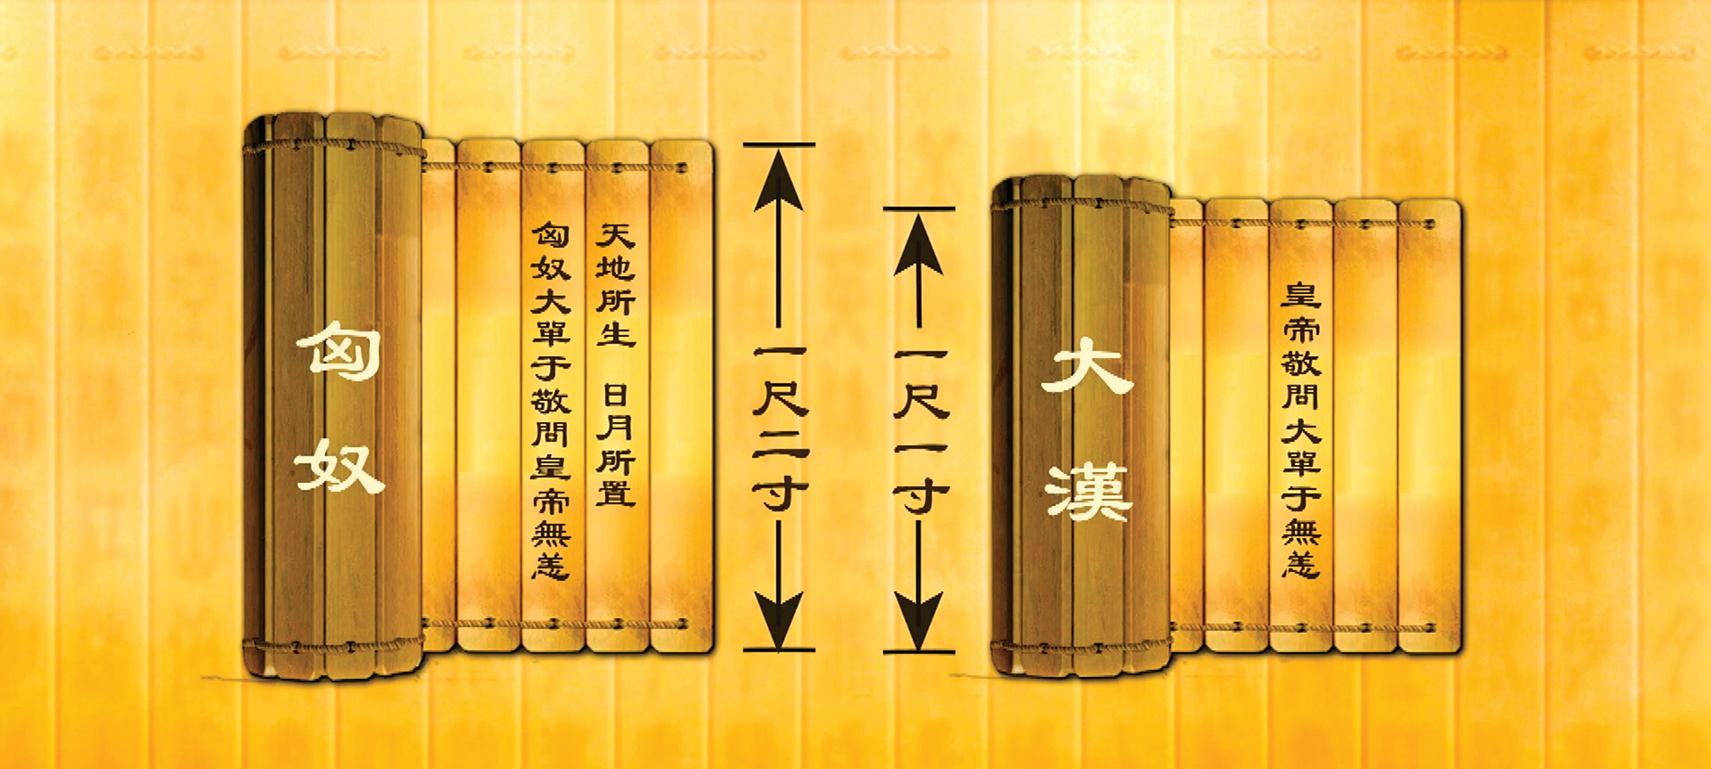 中行說教唆匈奴單于給漢皇帝的回信竹簡長出一寸,開頭加上「天地所生,日月所置」抬高匈奴地位。(圖/新唐人電視台)